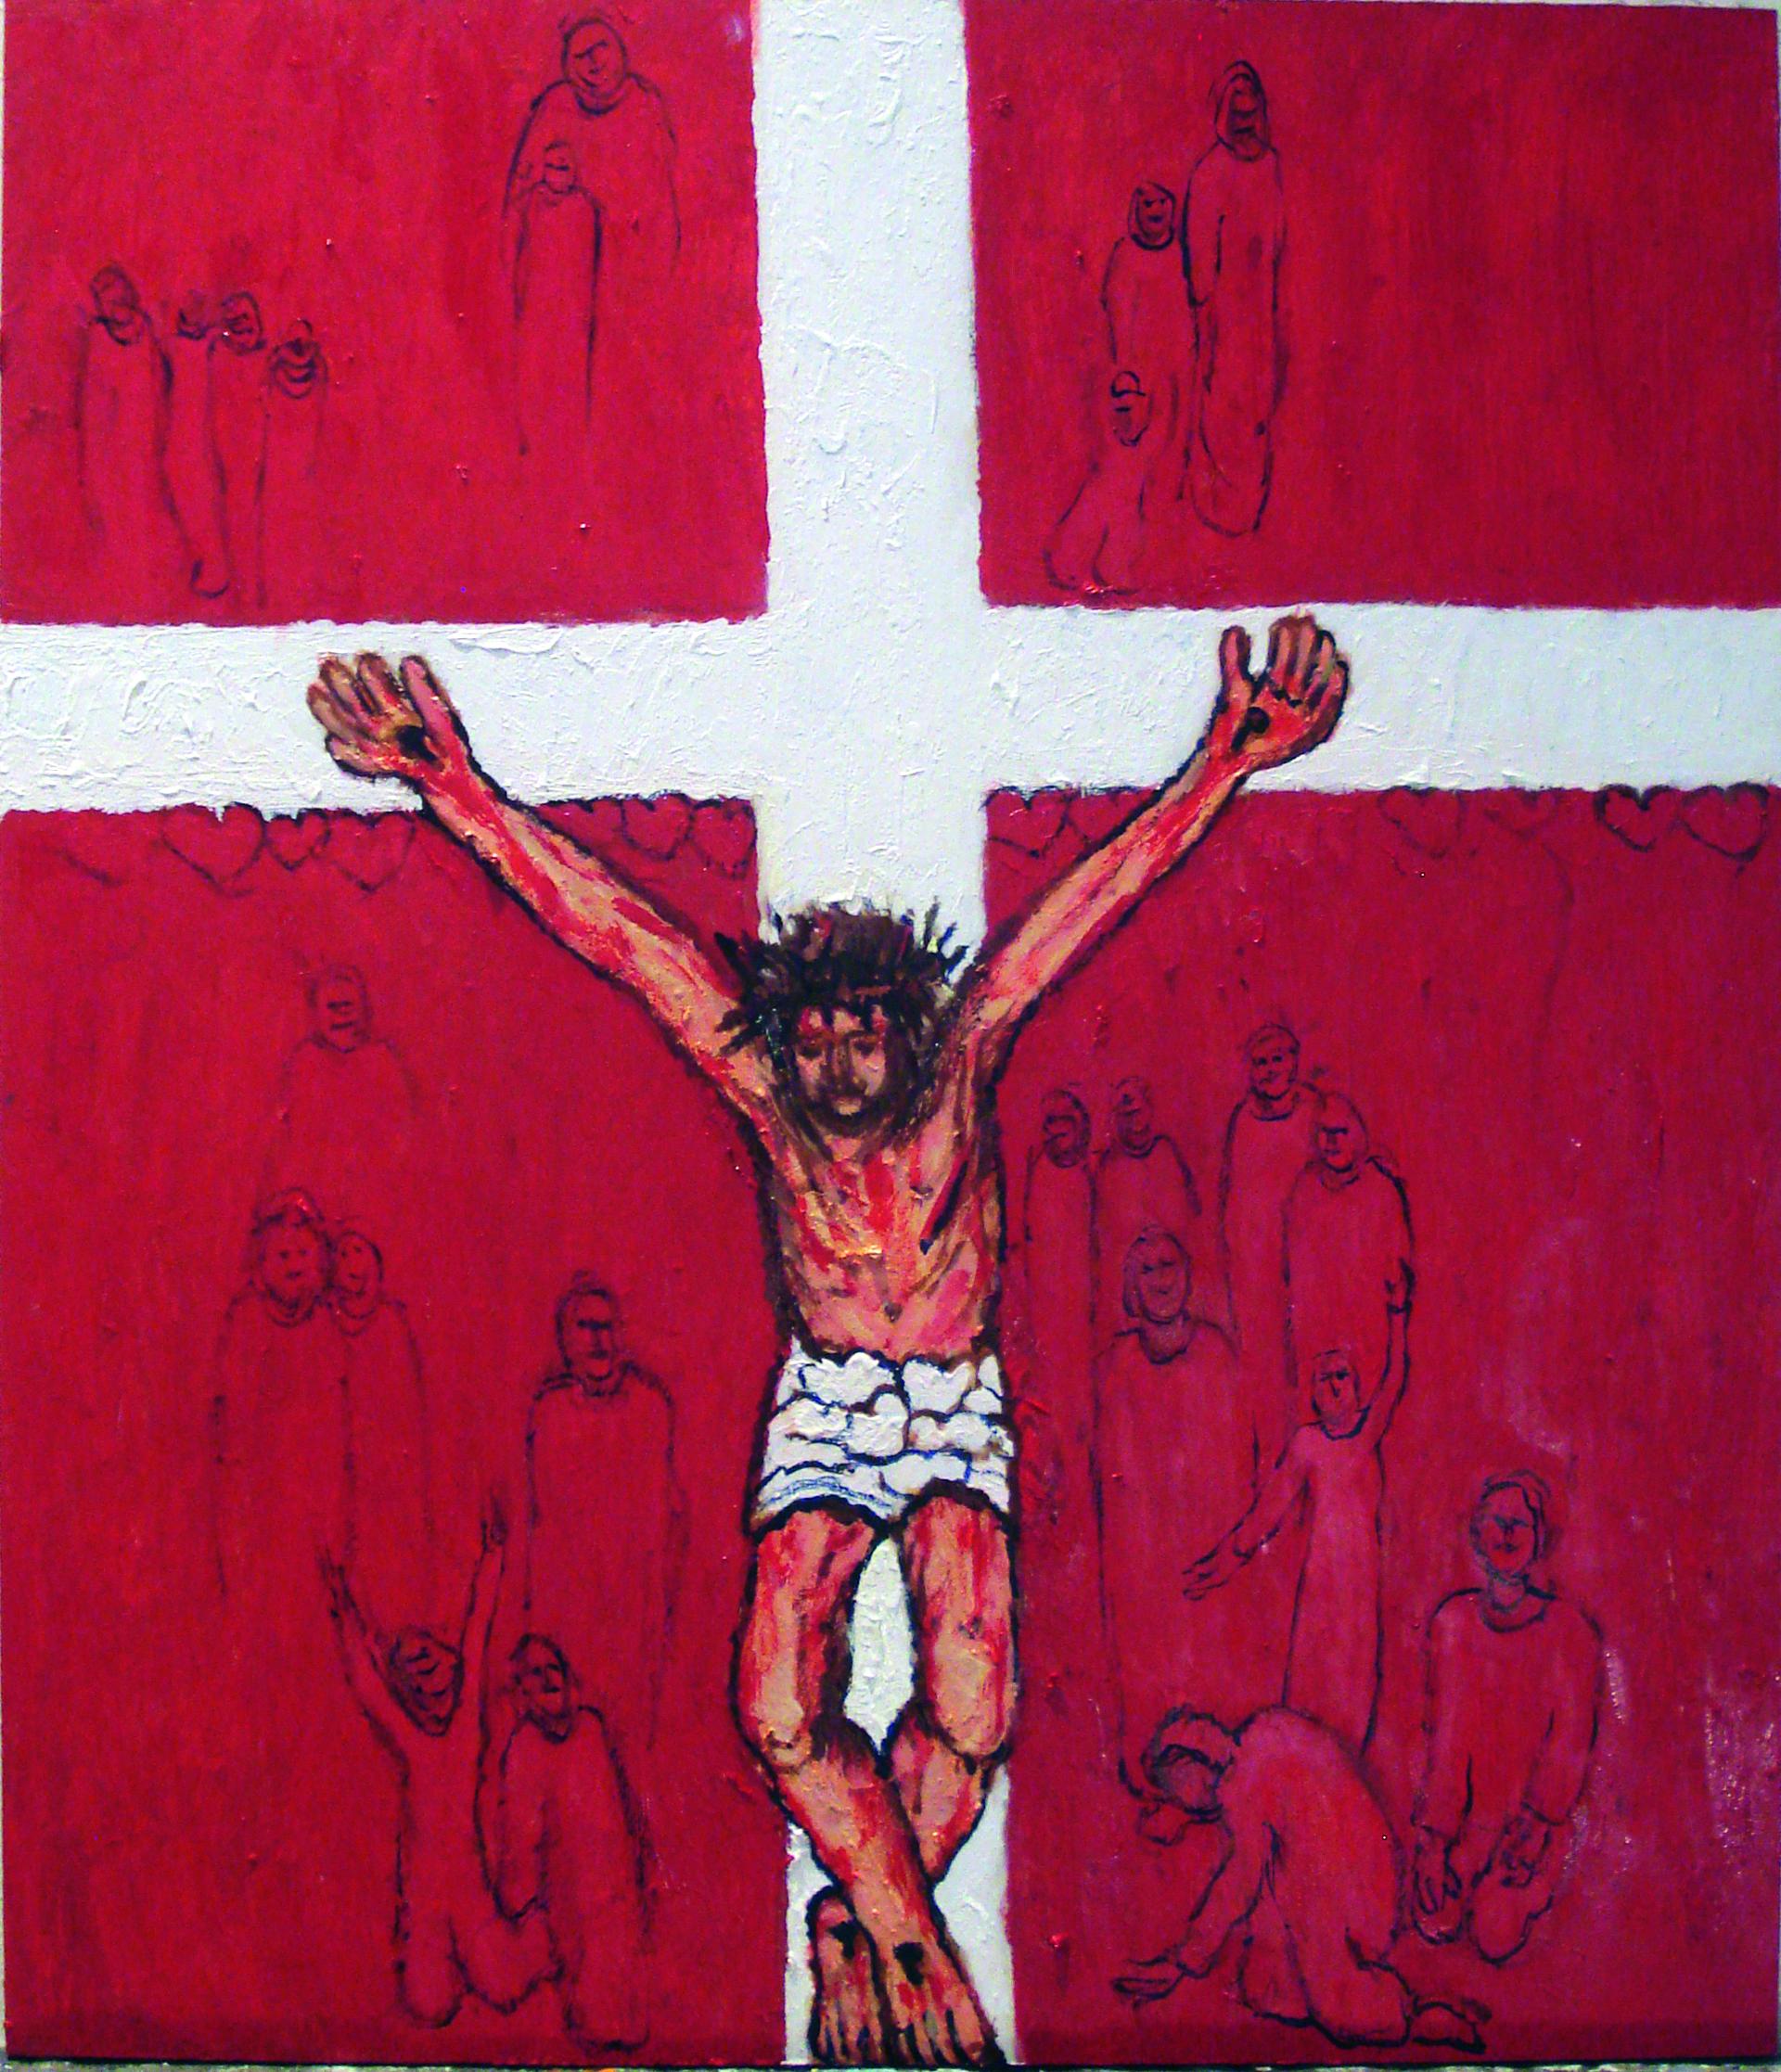 039-golgata i det danske flag